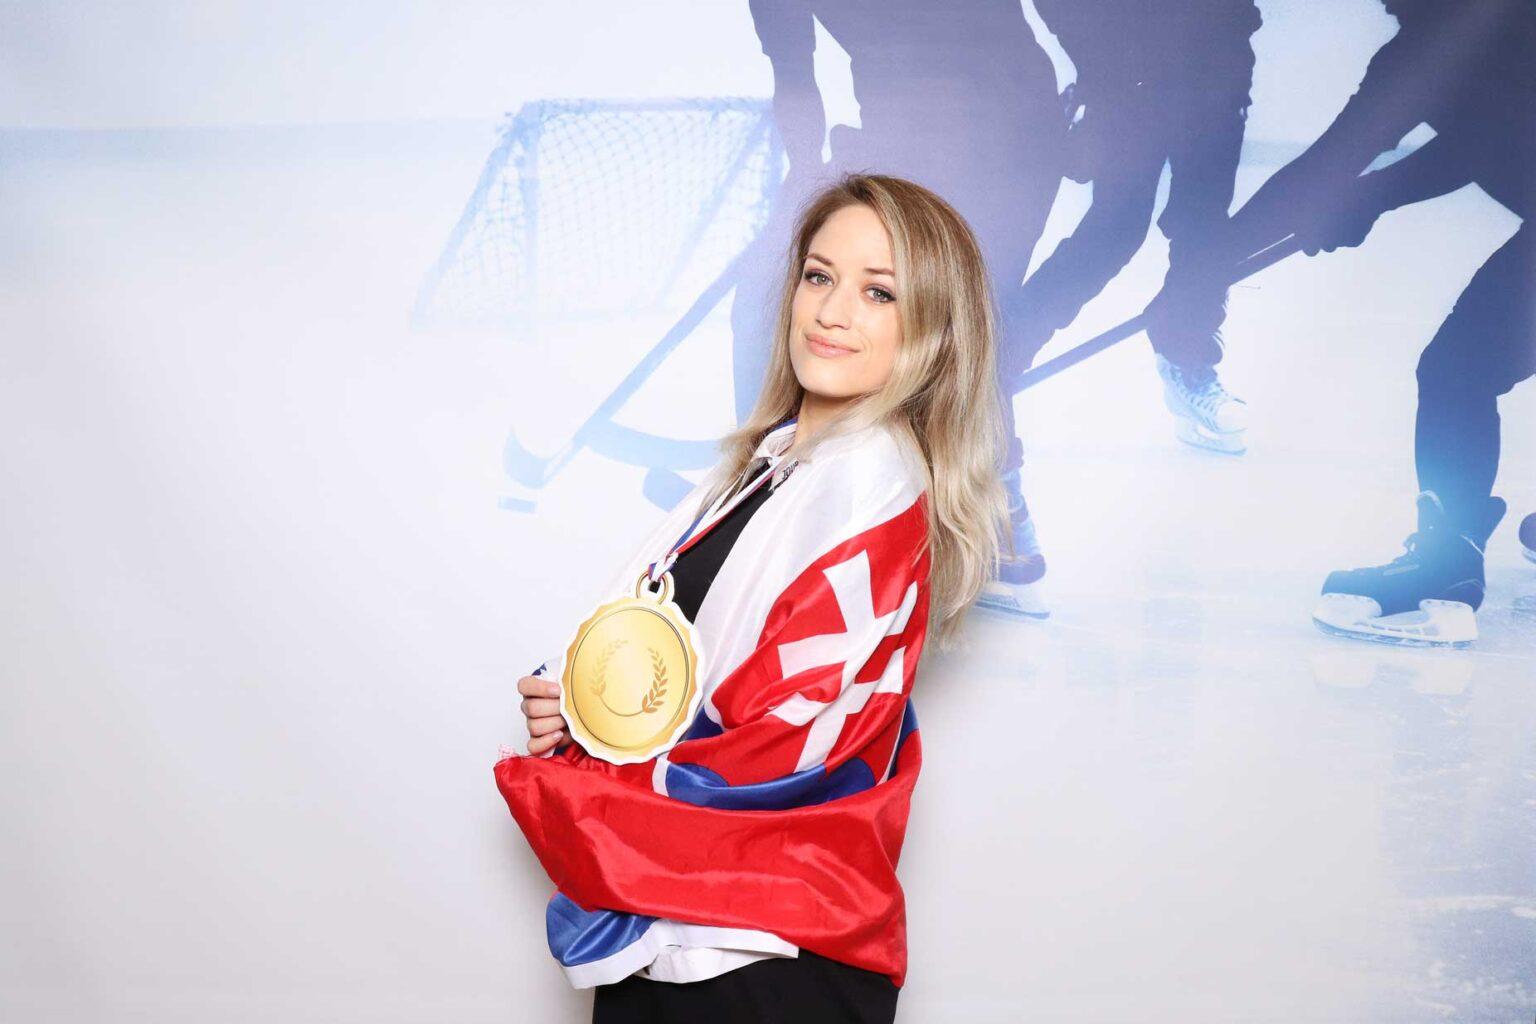 Fotostena - majstrovstvá v hokeji - fotokútik Bratislava.